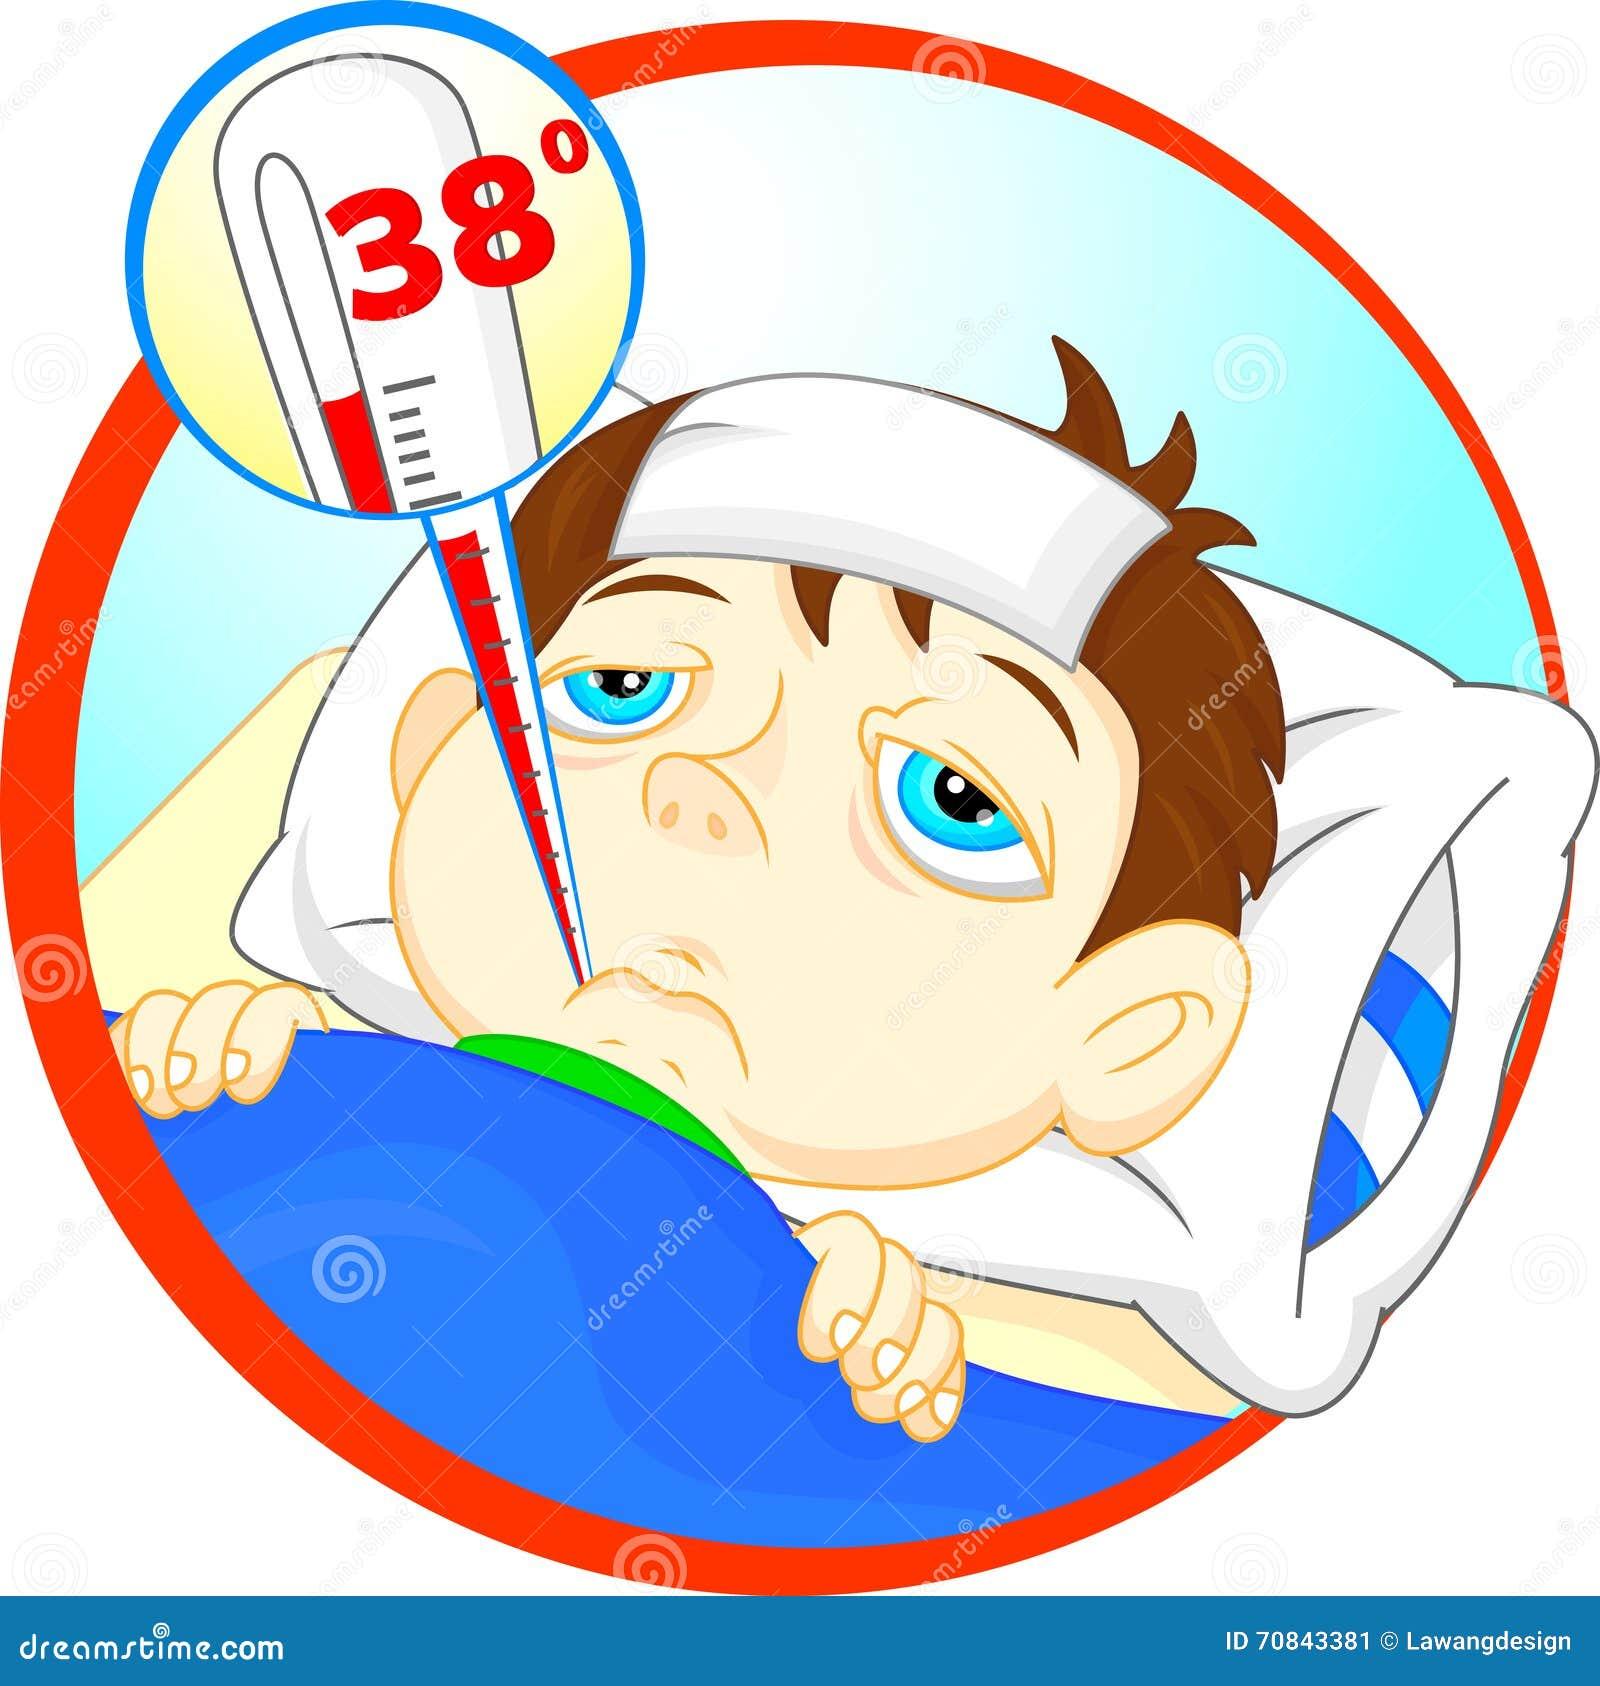 sick boy hospital bed stock illustrations – 156 sick boy hospital